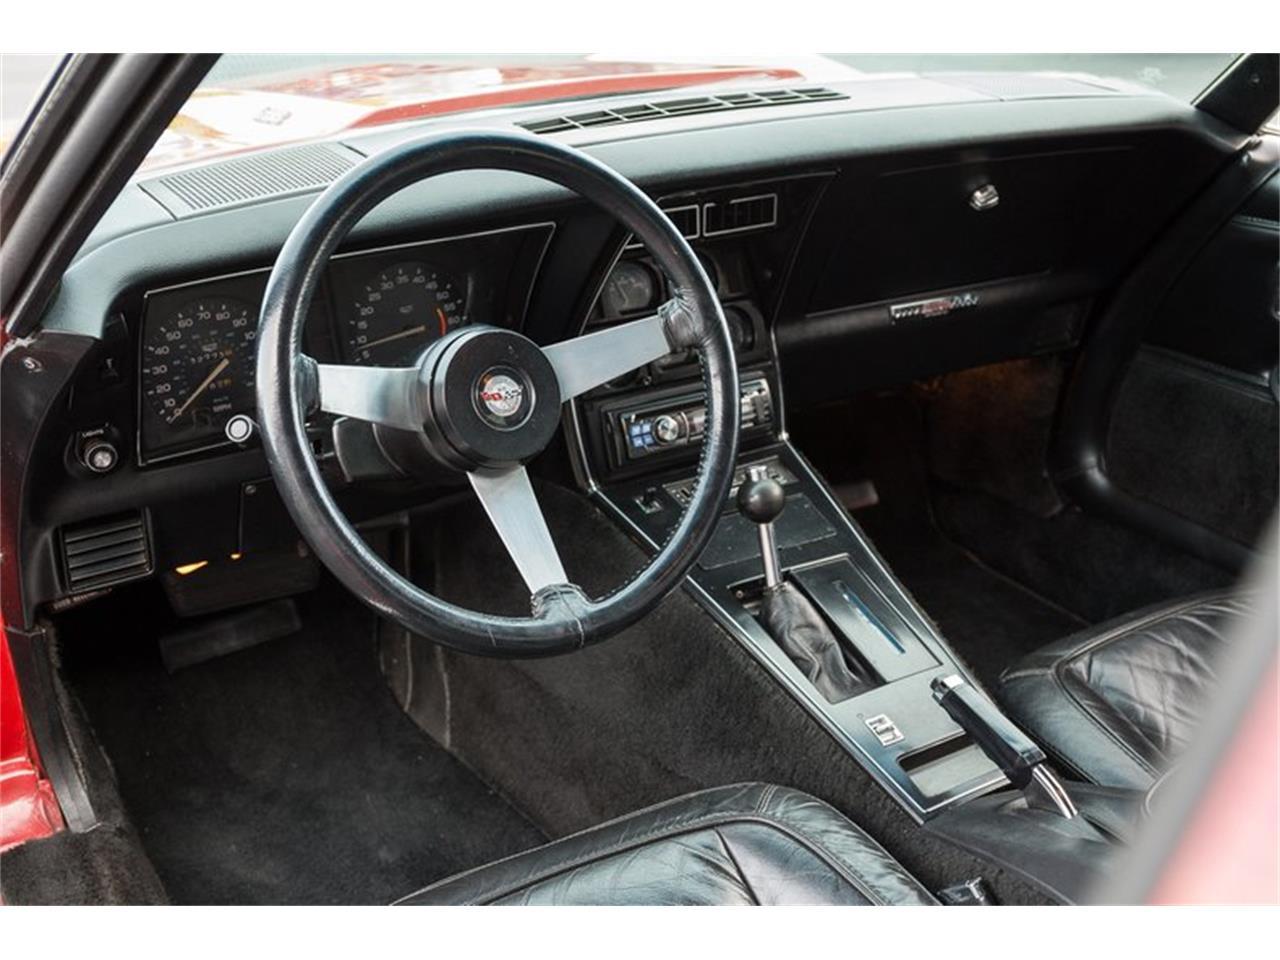 Large Picture of '78 Chevrolet Corvette located in Missouri - EBGP